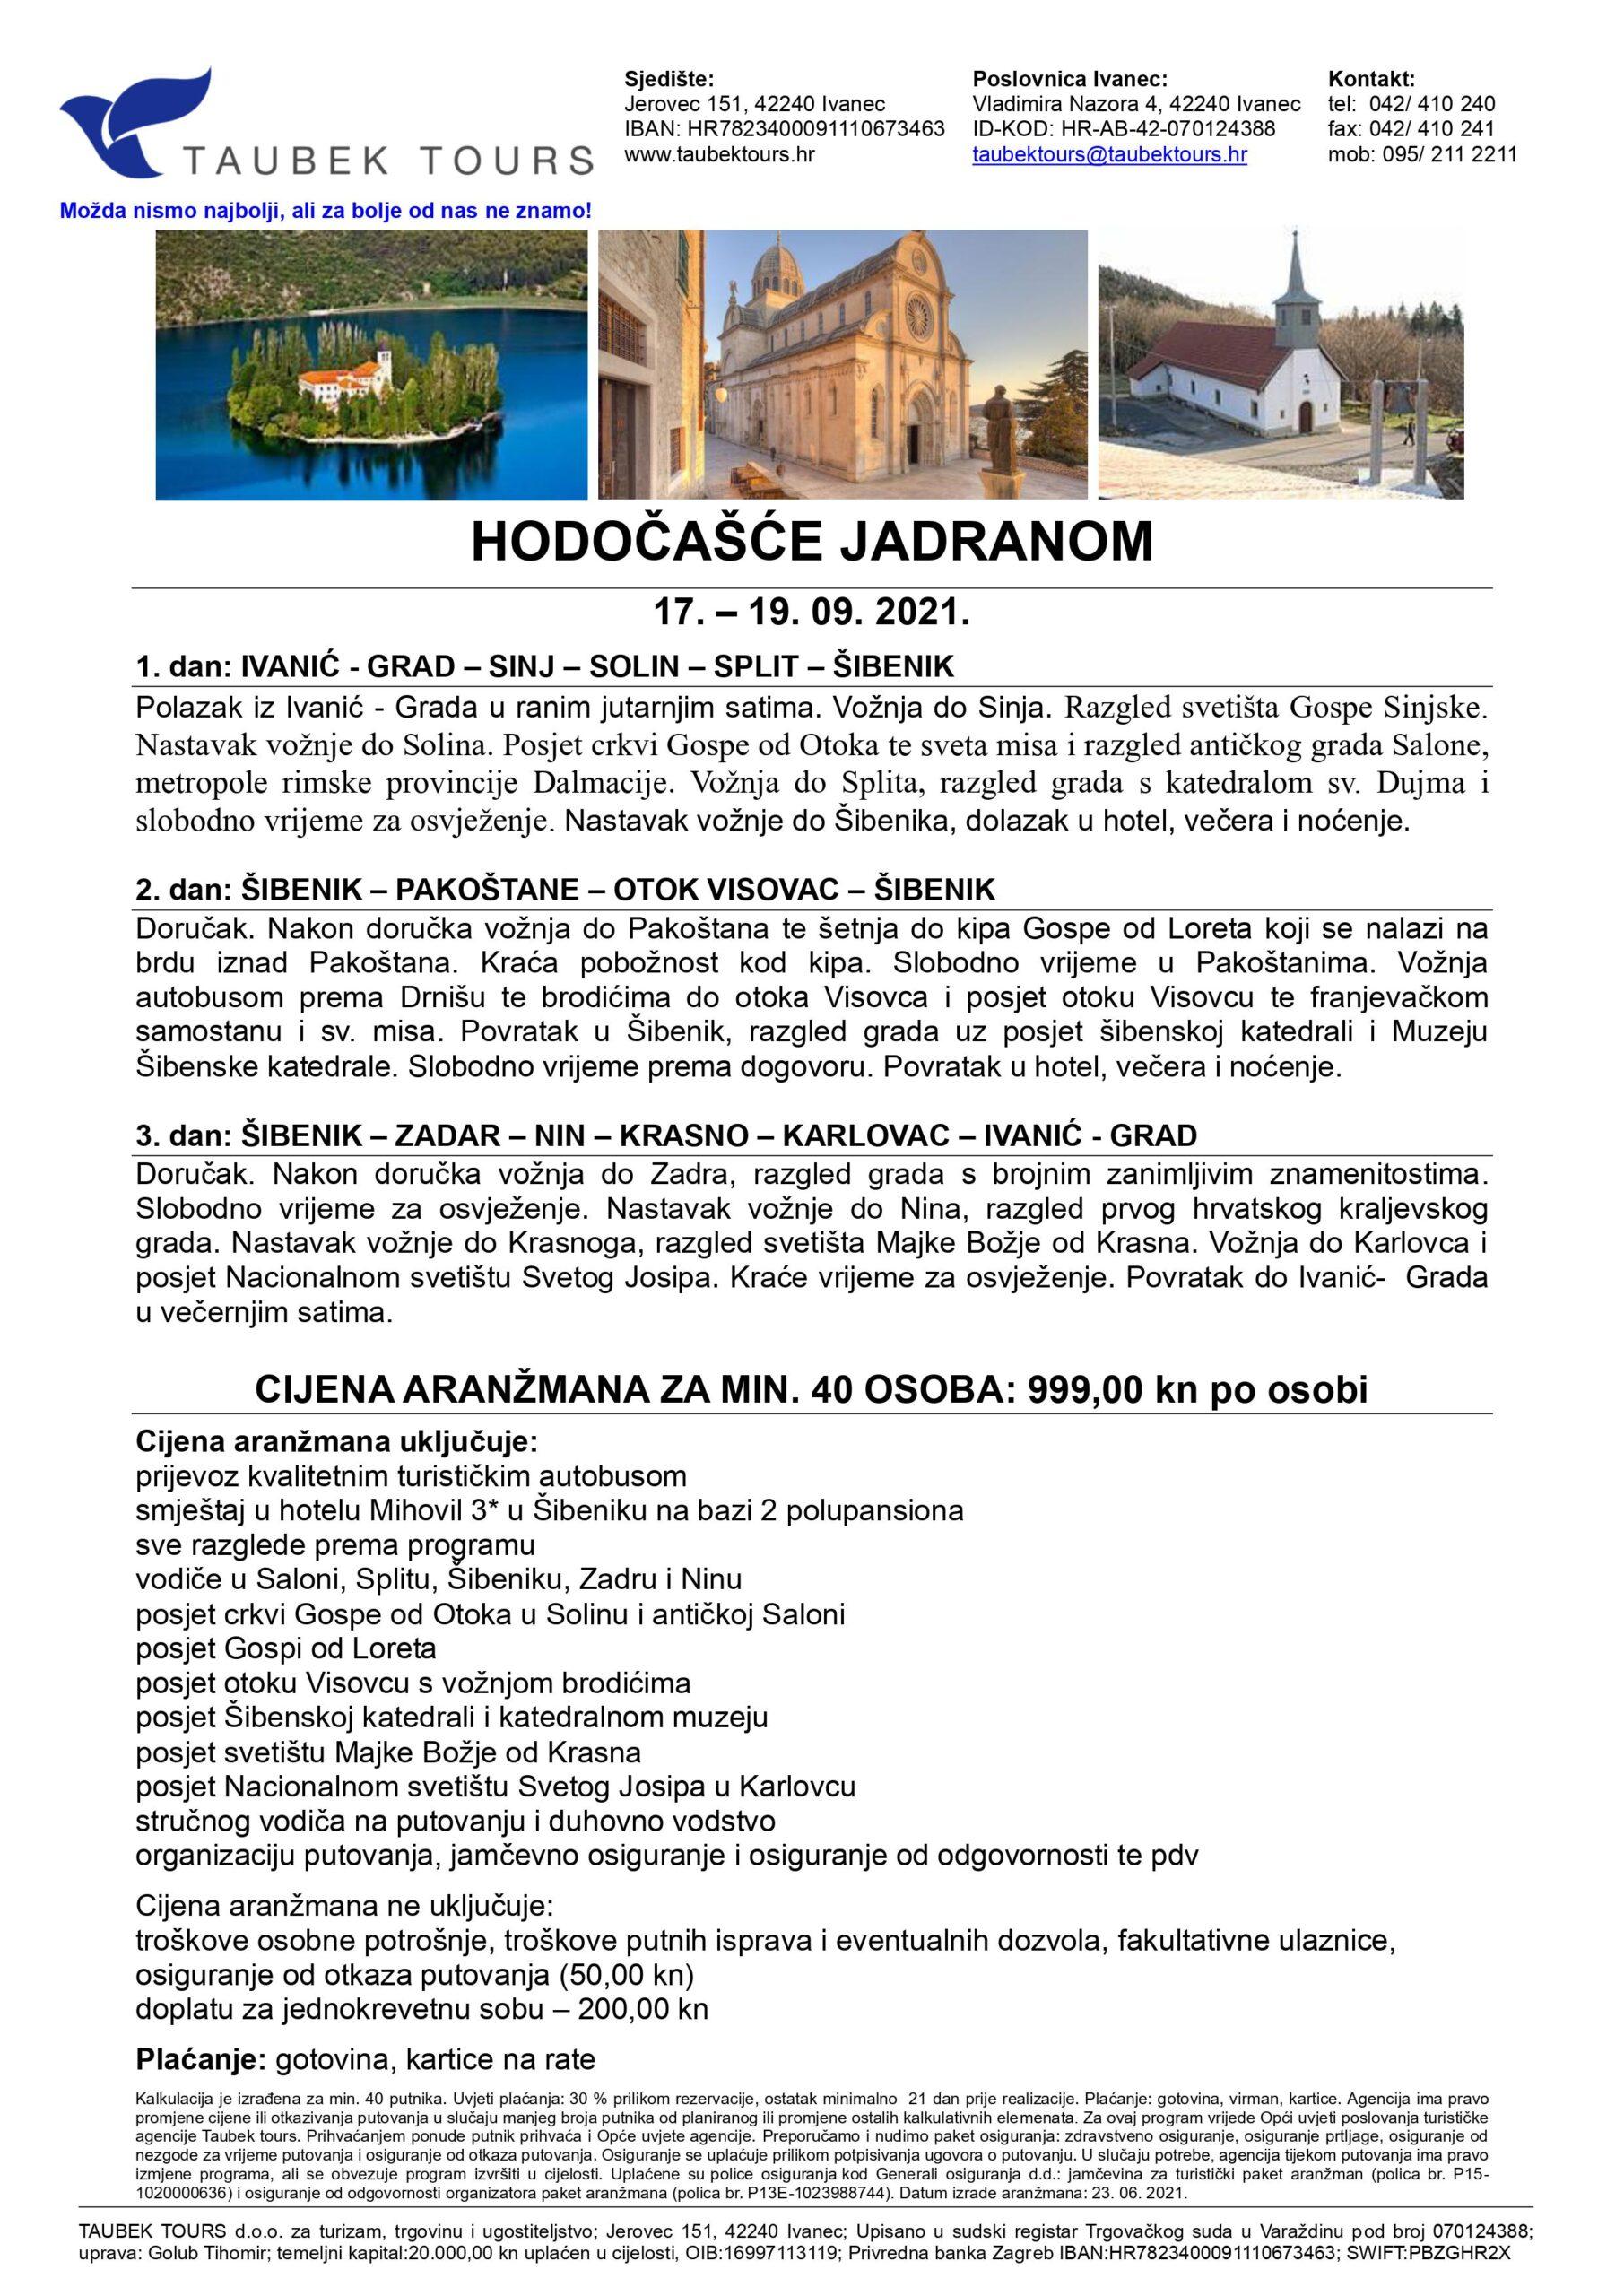 Hodočašće Jadranom 2021.